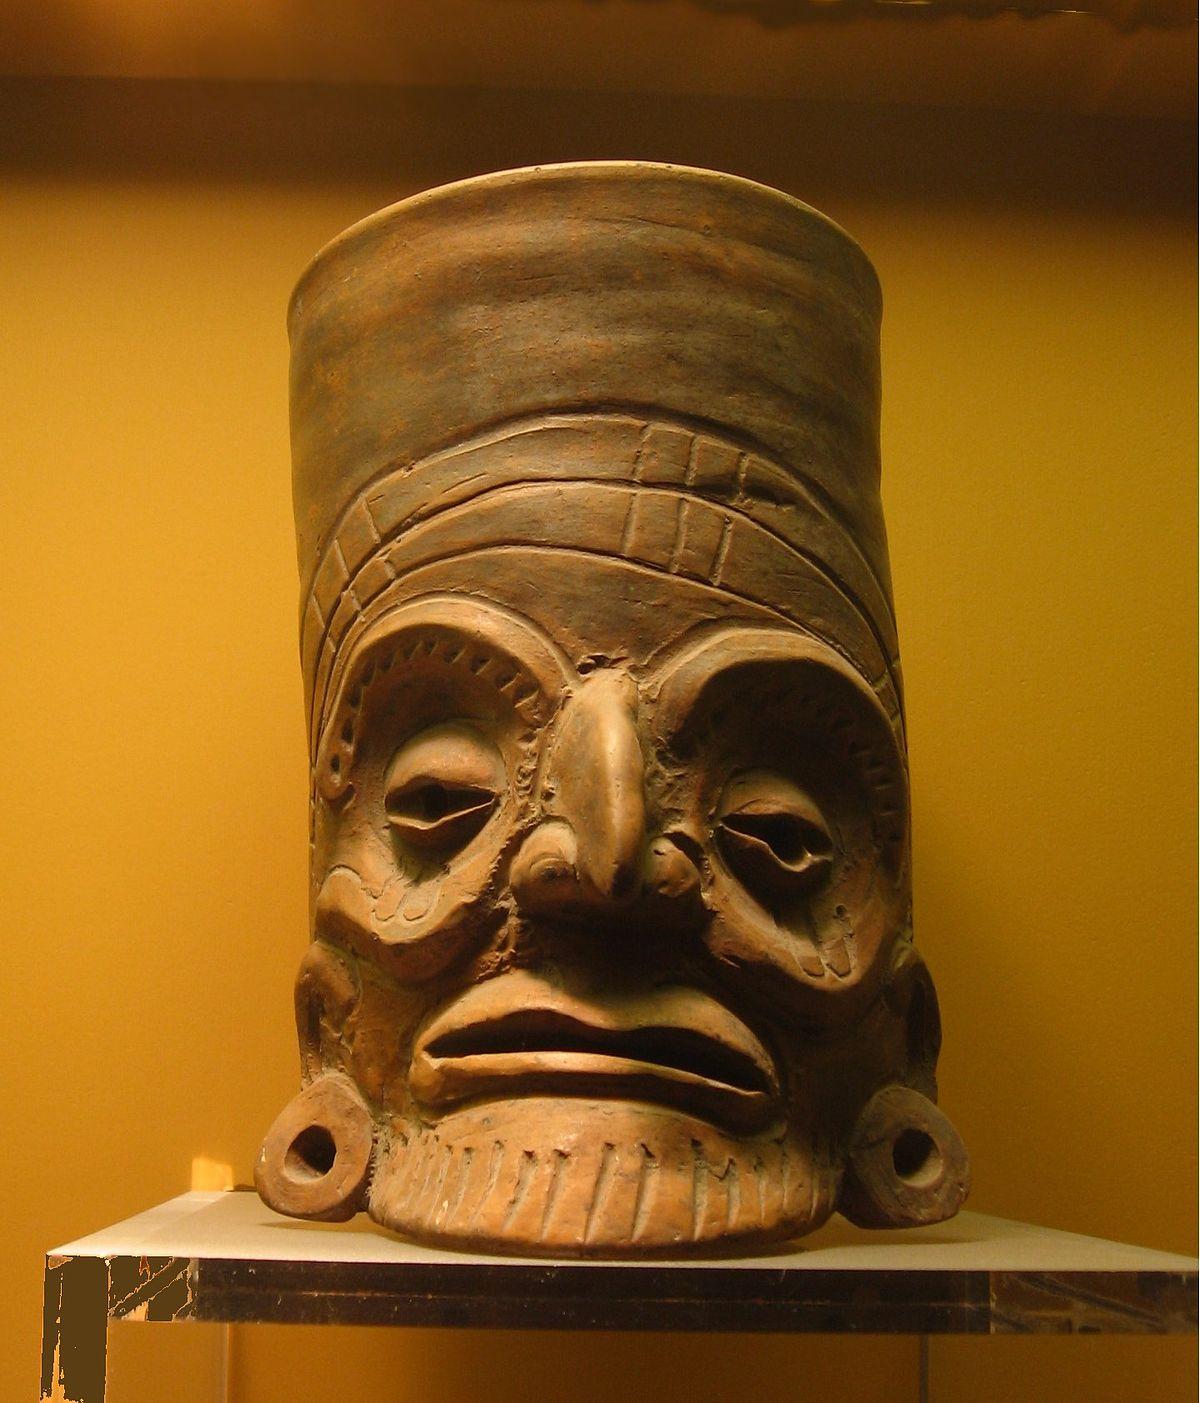 Pre-columbian civilization